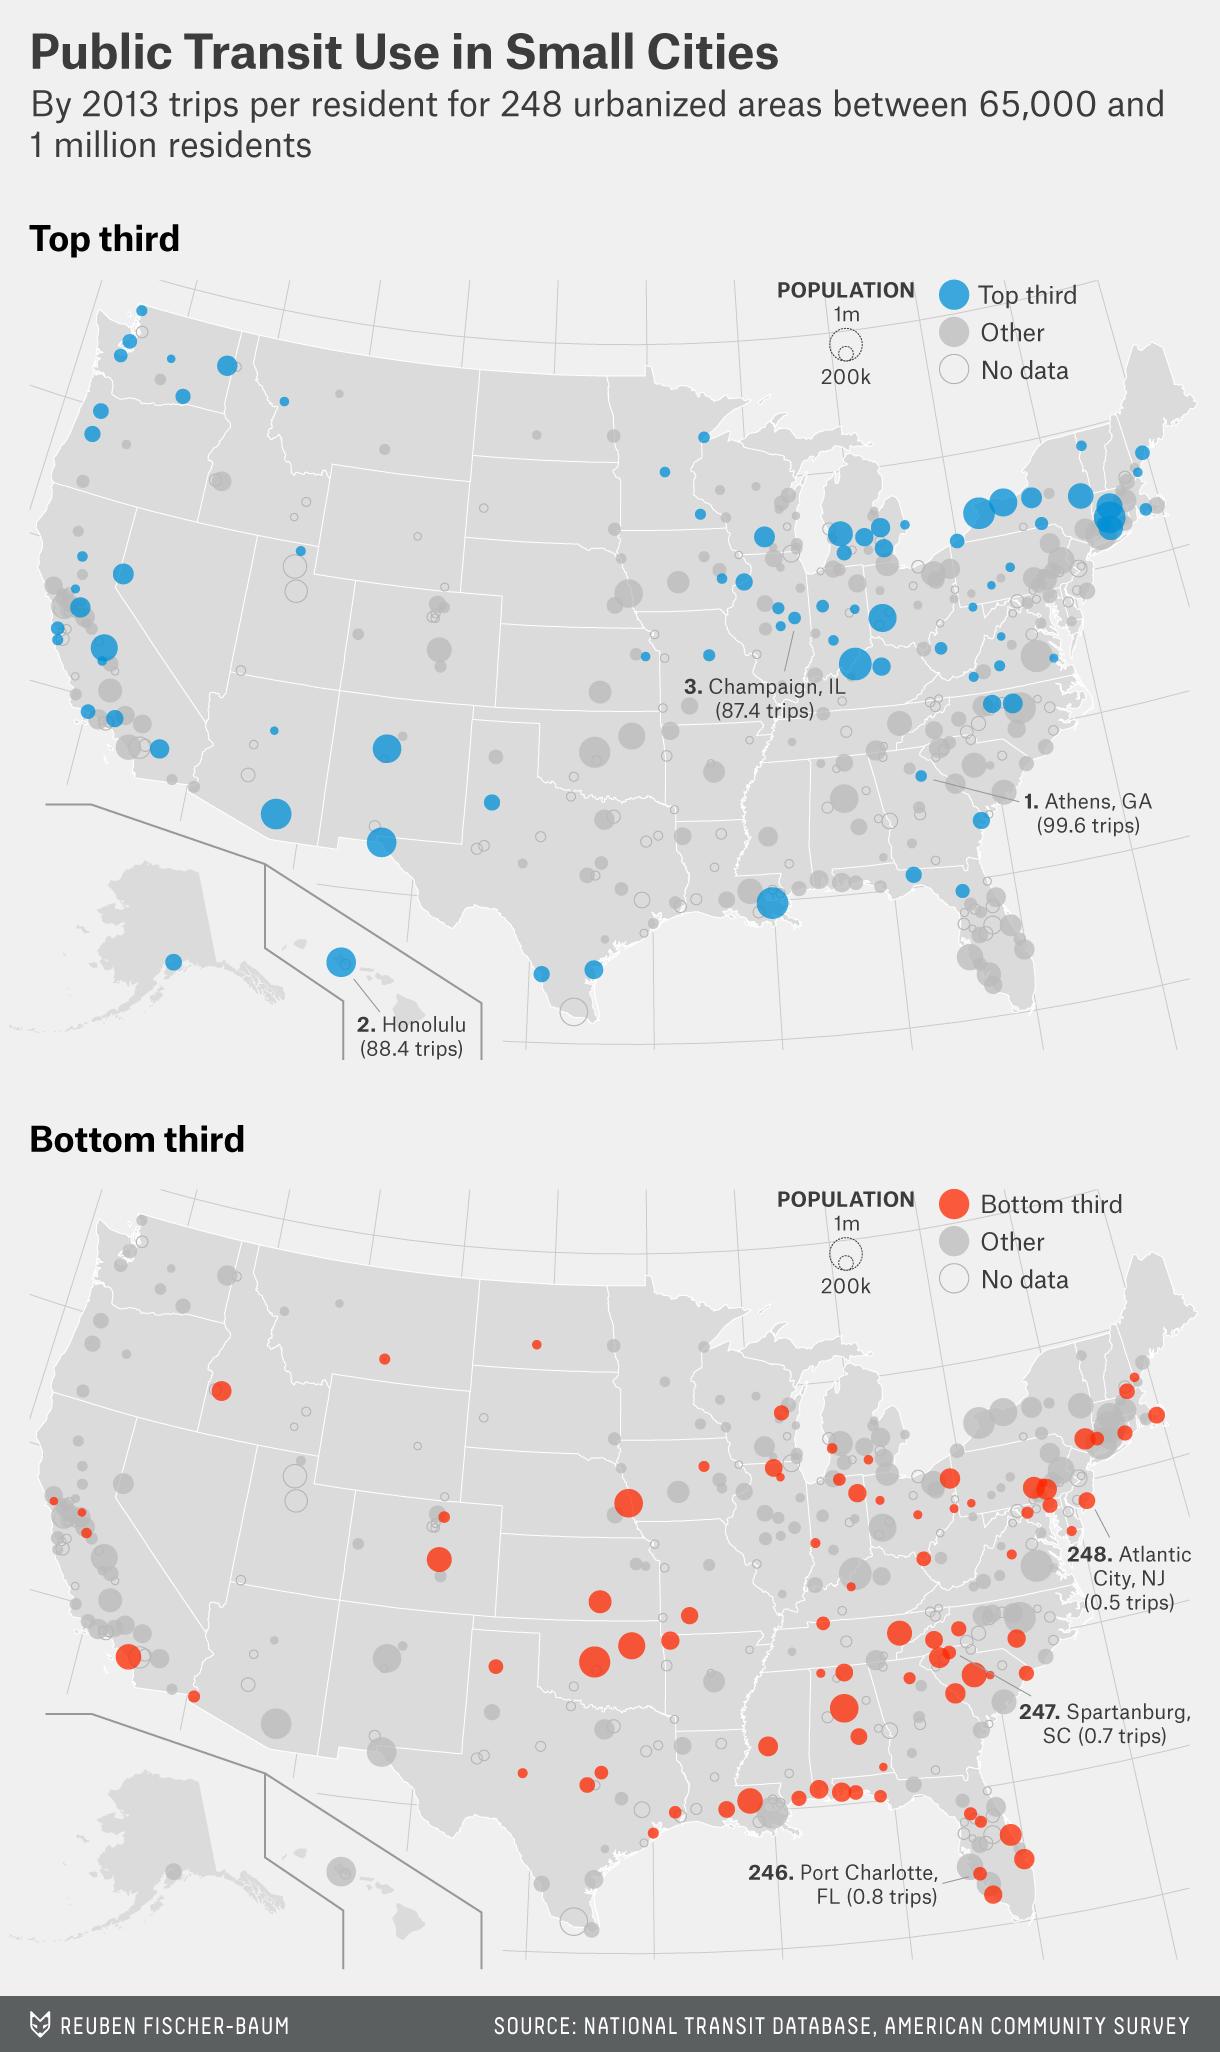 fischer-baum-datalab-public-transit-map-1